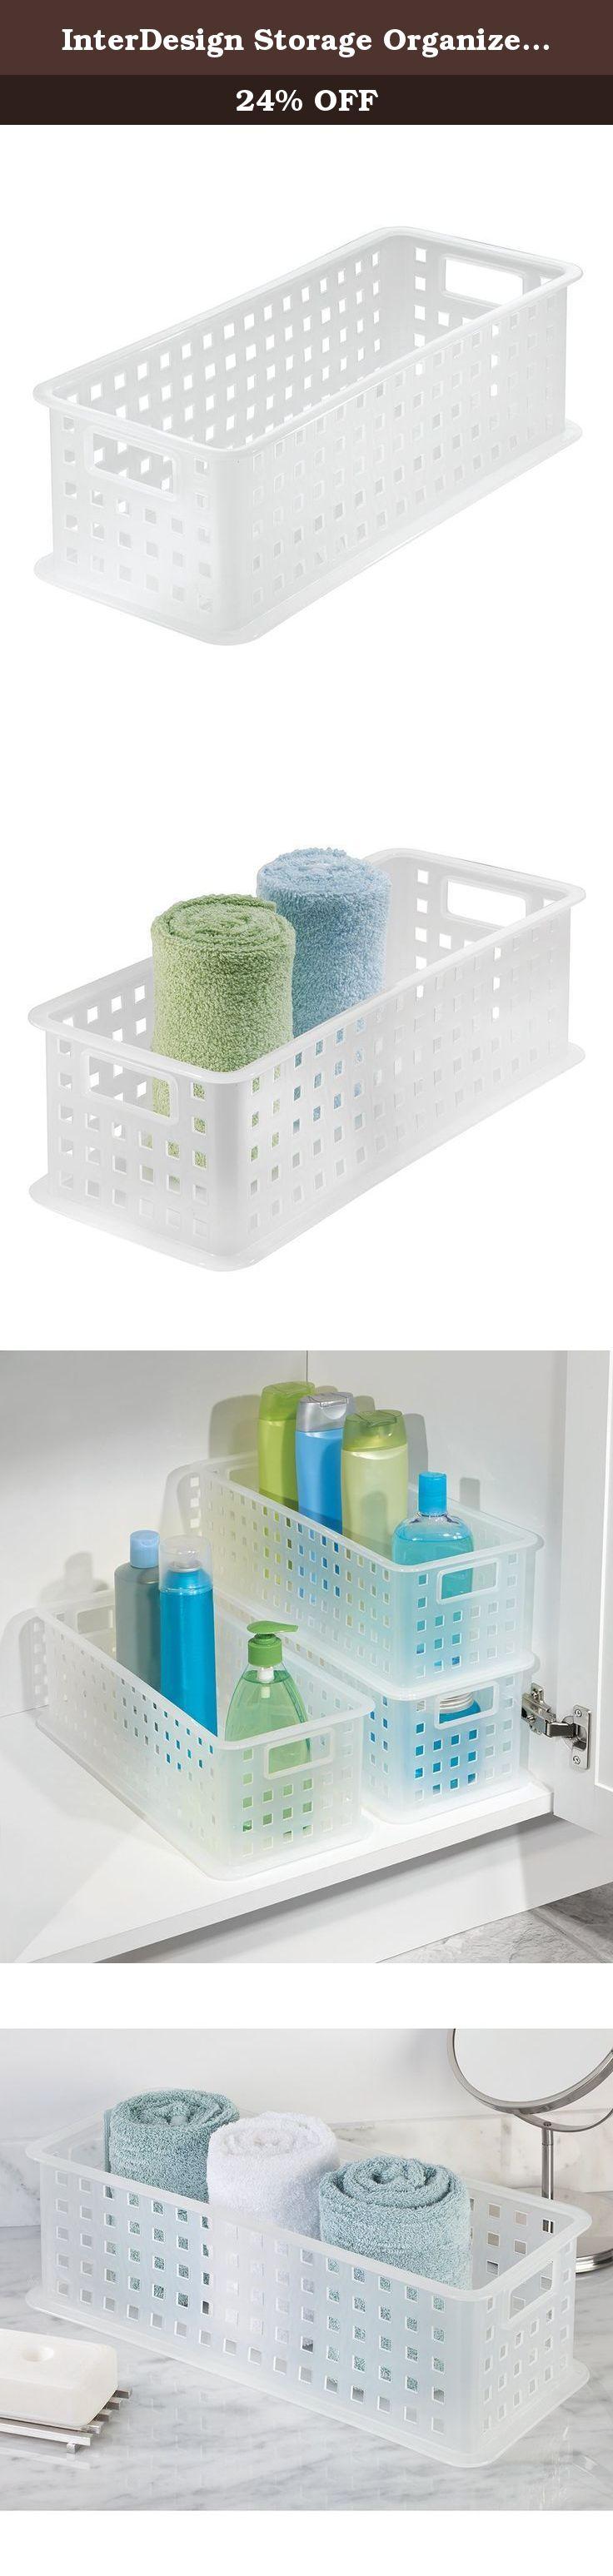 InterDesign Storage Organizer Basket, for Bathroom, Health and ...